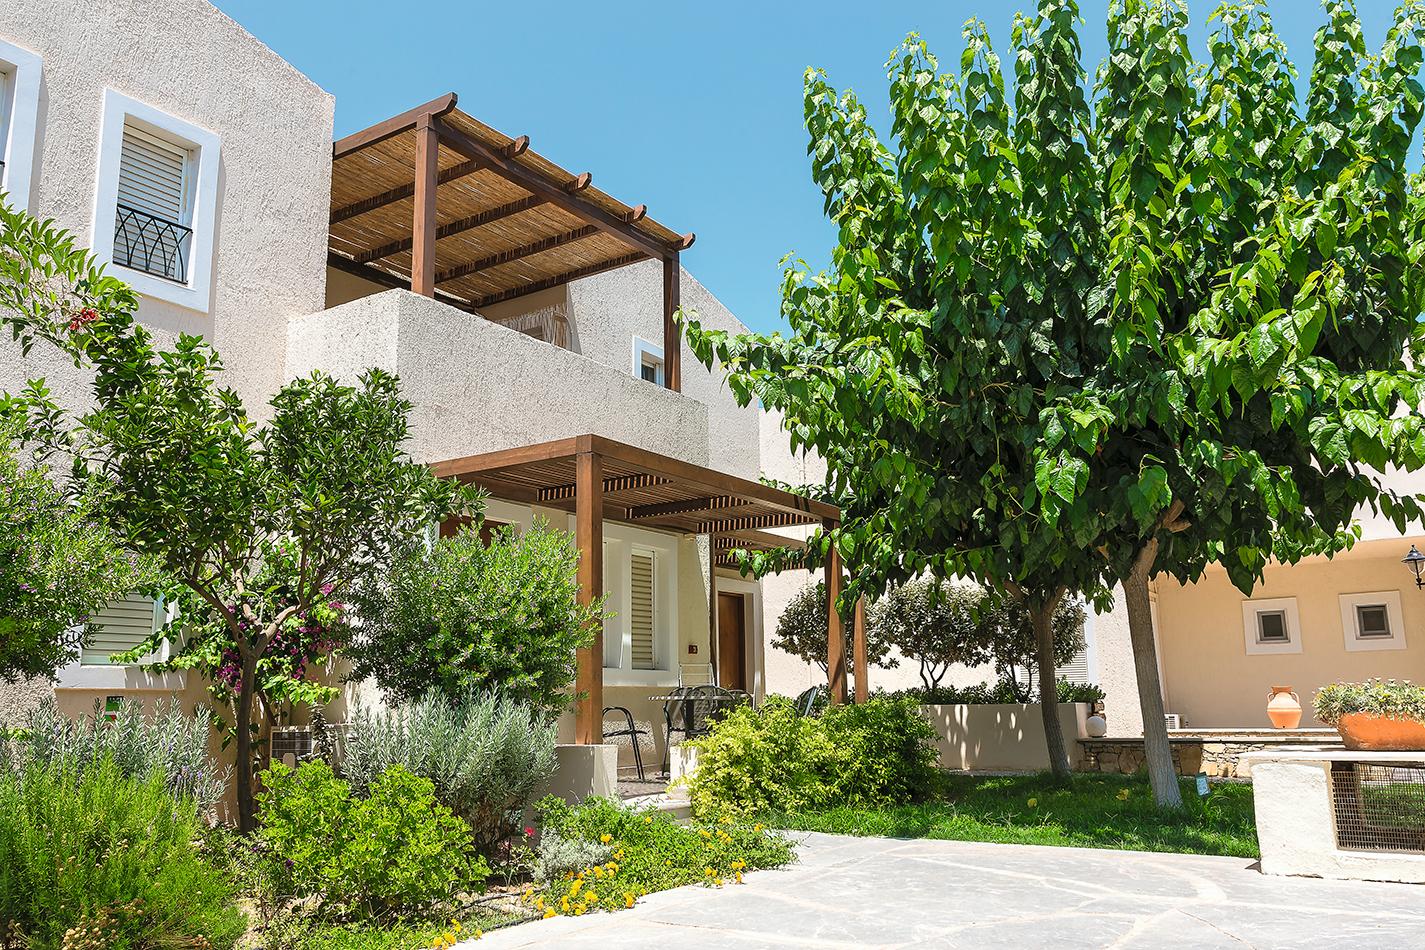 GrandLeoniki_05_Family-Accommodation-including-Apartments-and-Maisonettes